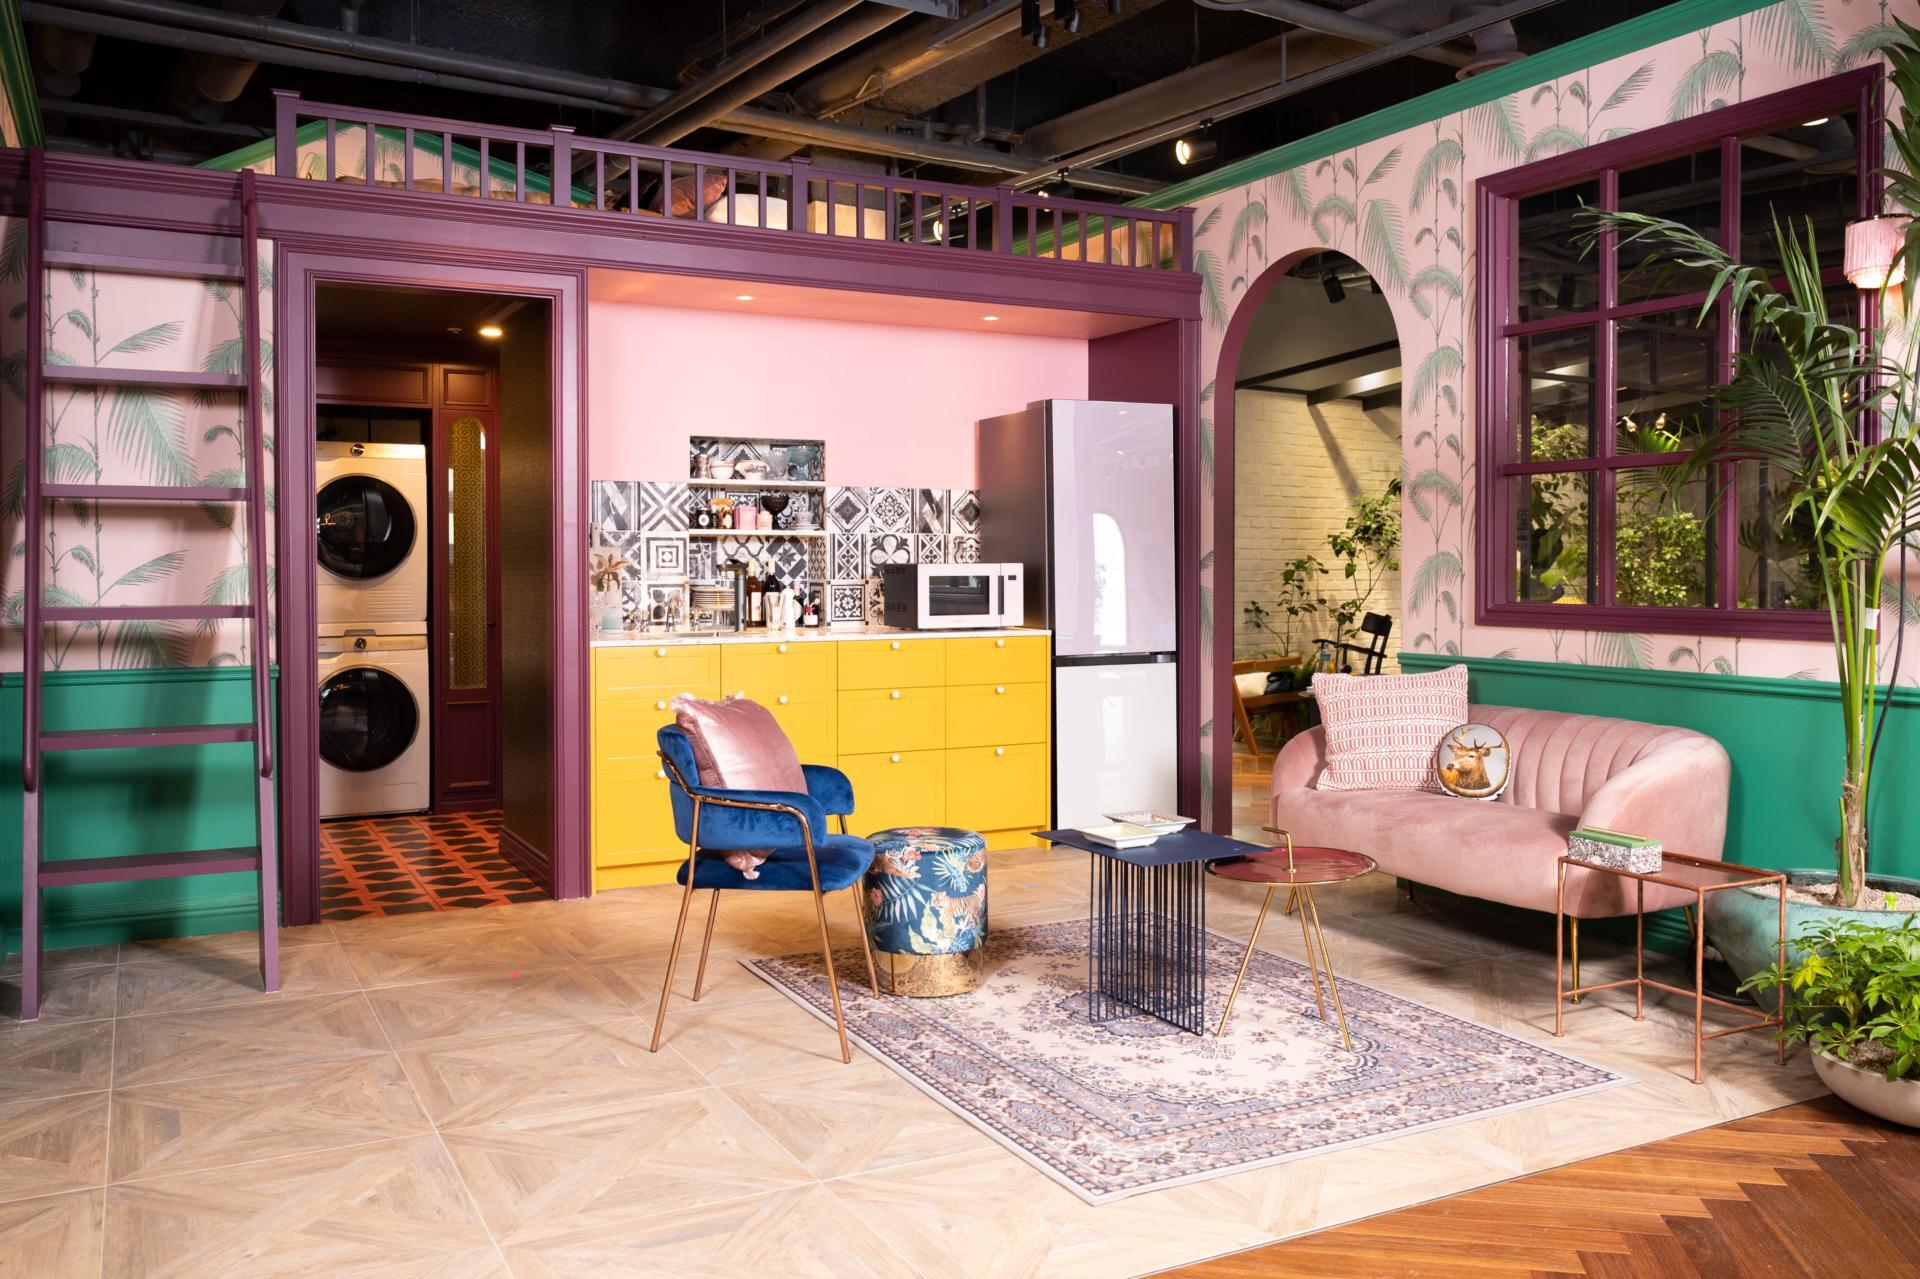 Samsung mở rộng dòng thiết bị Bespoke tại 'Bespoke Home 2021'